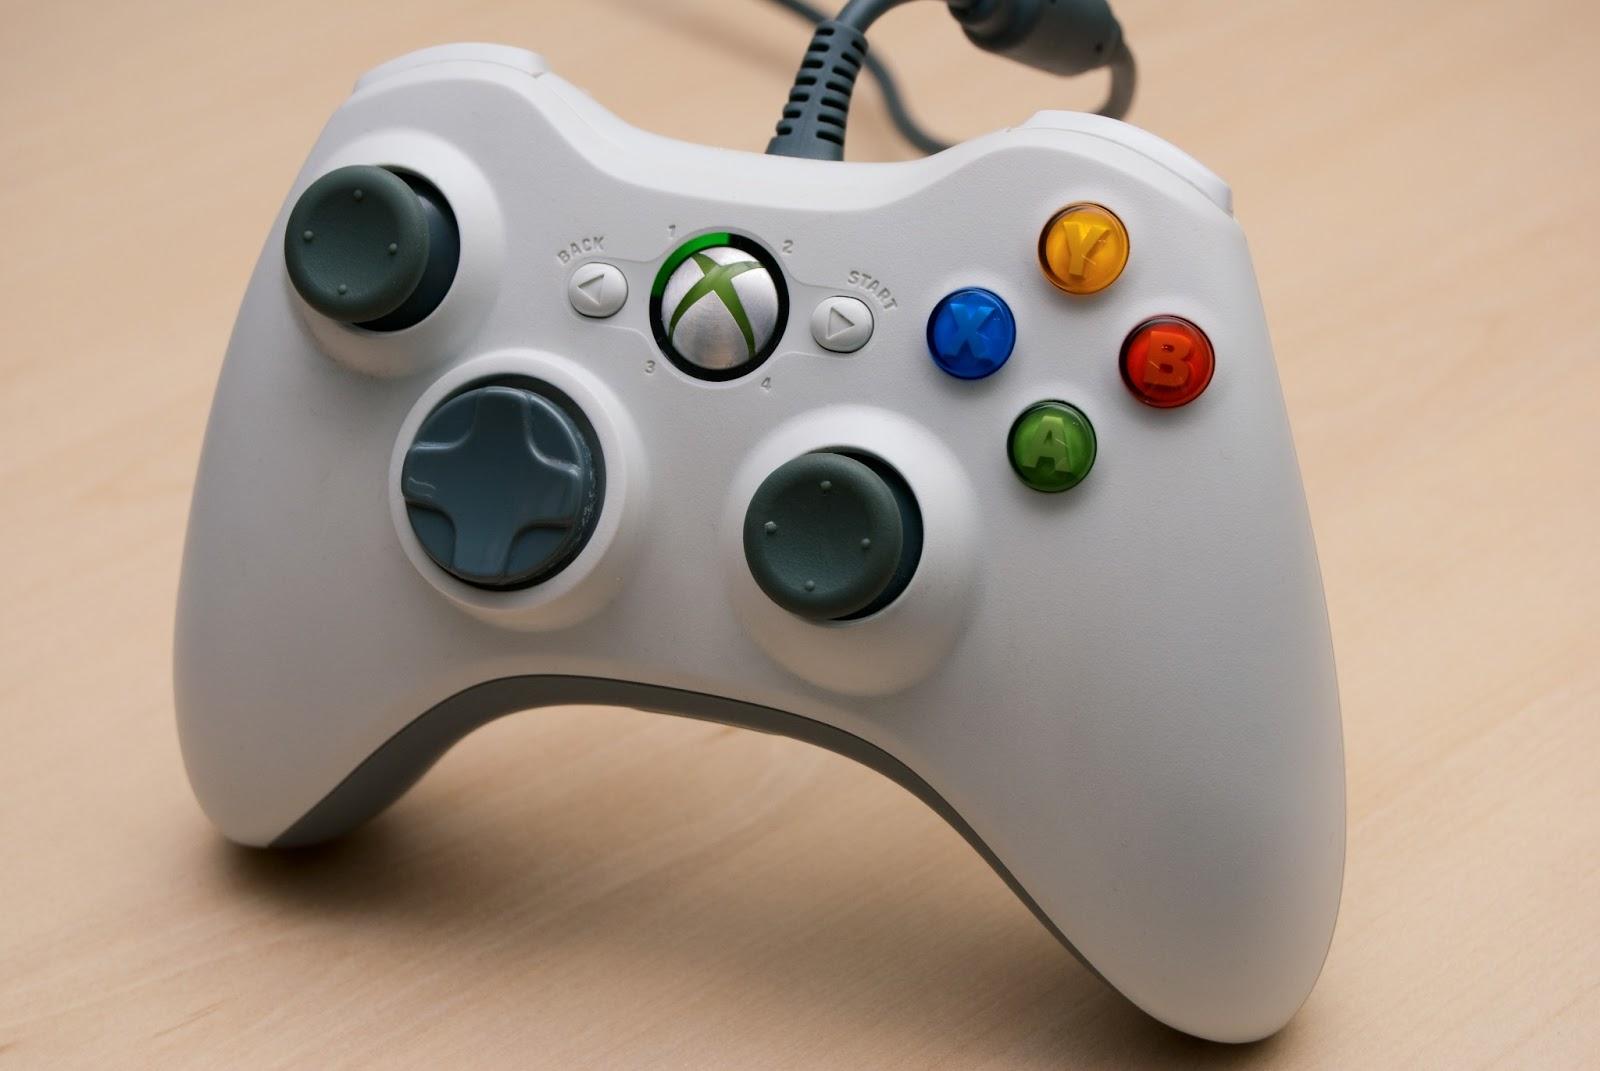 Novo Xbox não terá um controle tão diferente do que conhecemos atualmente 6300f6ed1cb74e1a8faa42d92e119472c62f4a0e